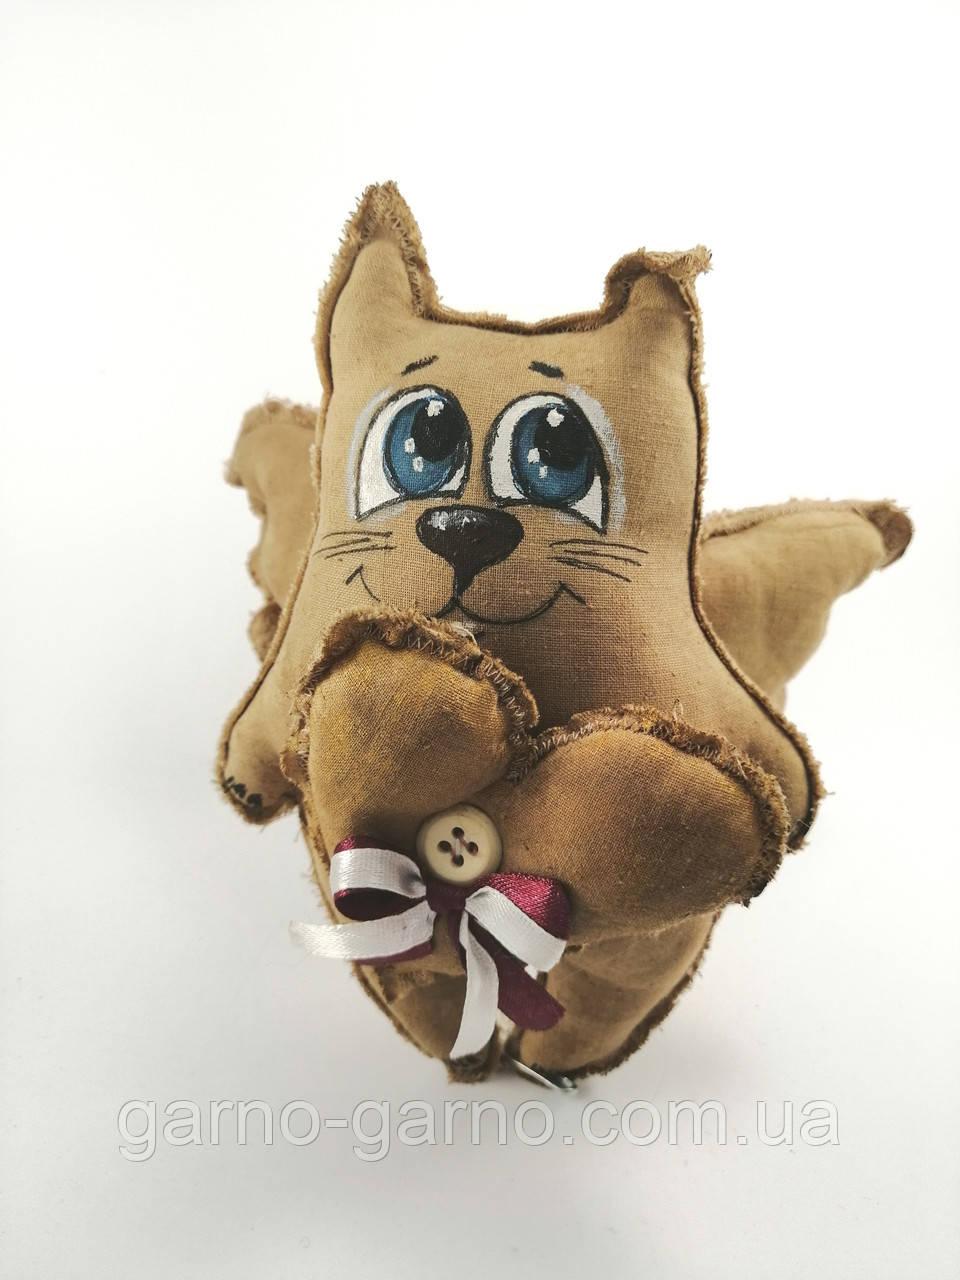 Кофейный Кот - Ангел с сердцем Ароматизированная игрушка